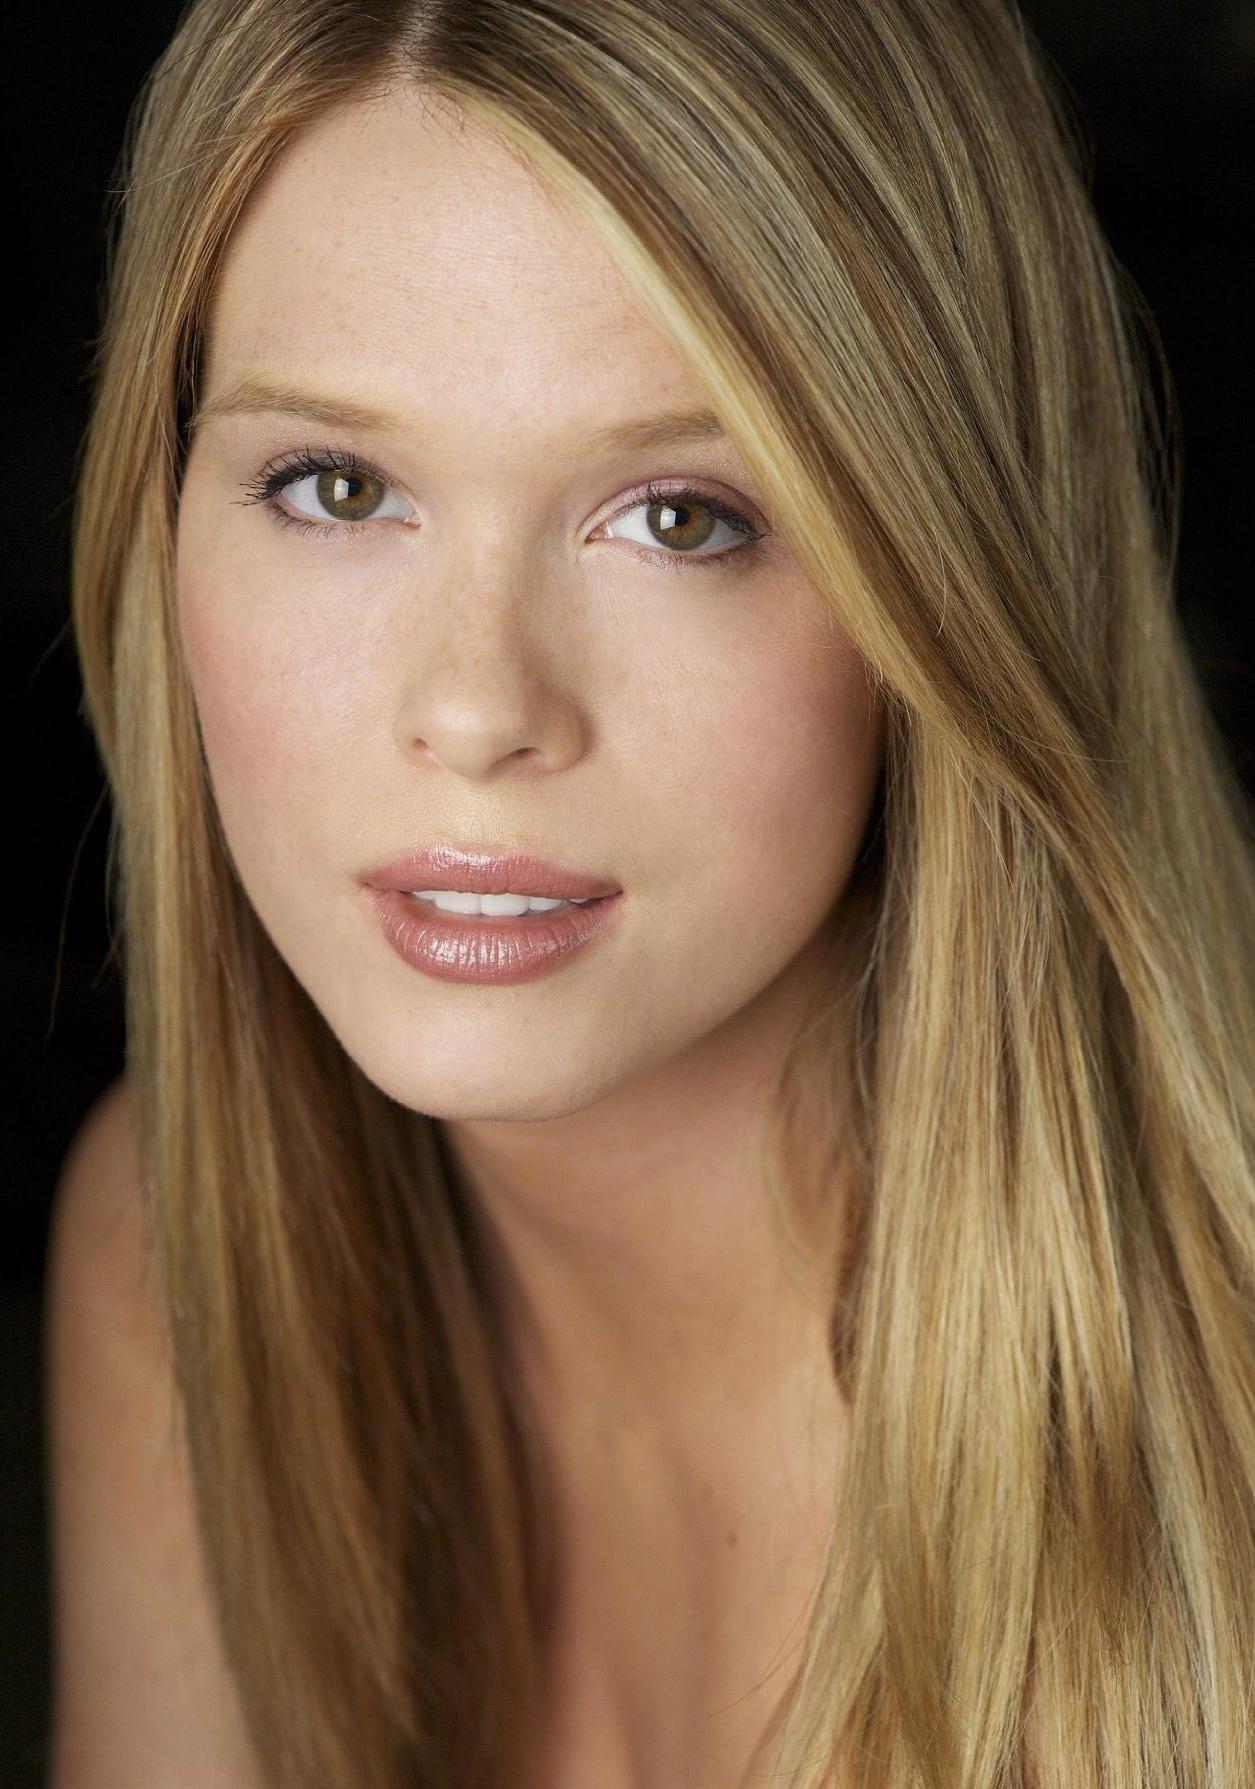 Leah Renee Cudmore | Hot Girl HD Wallpaper